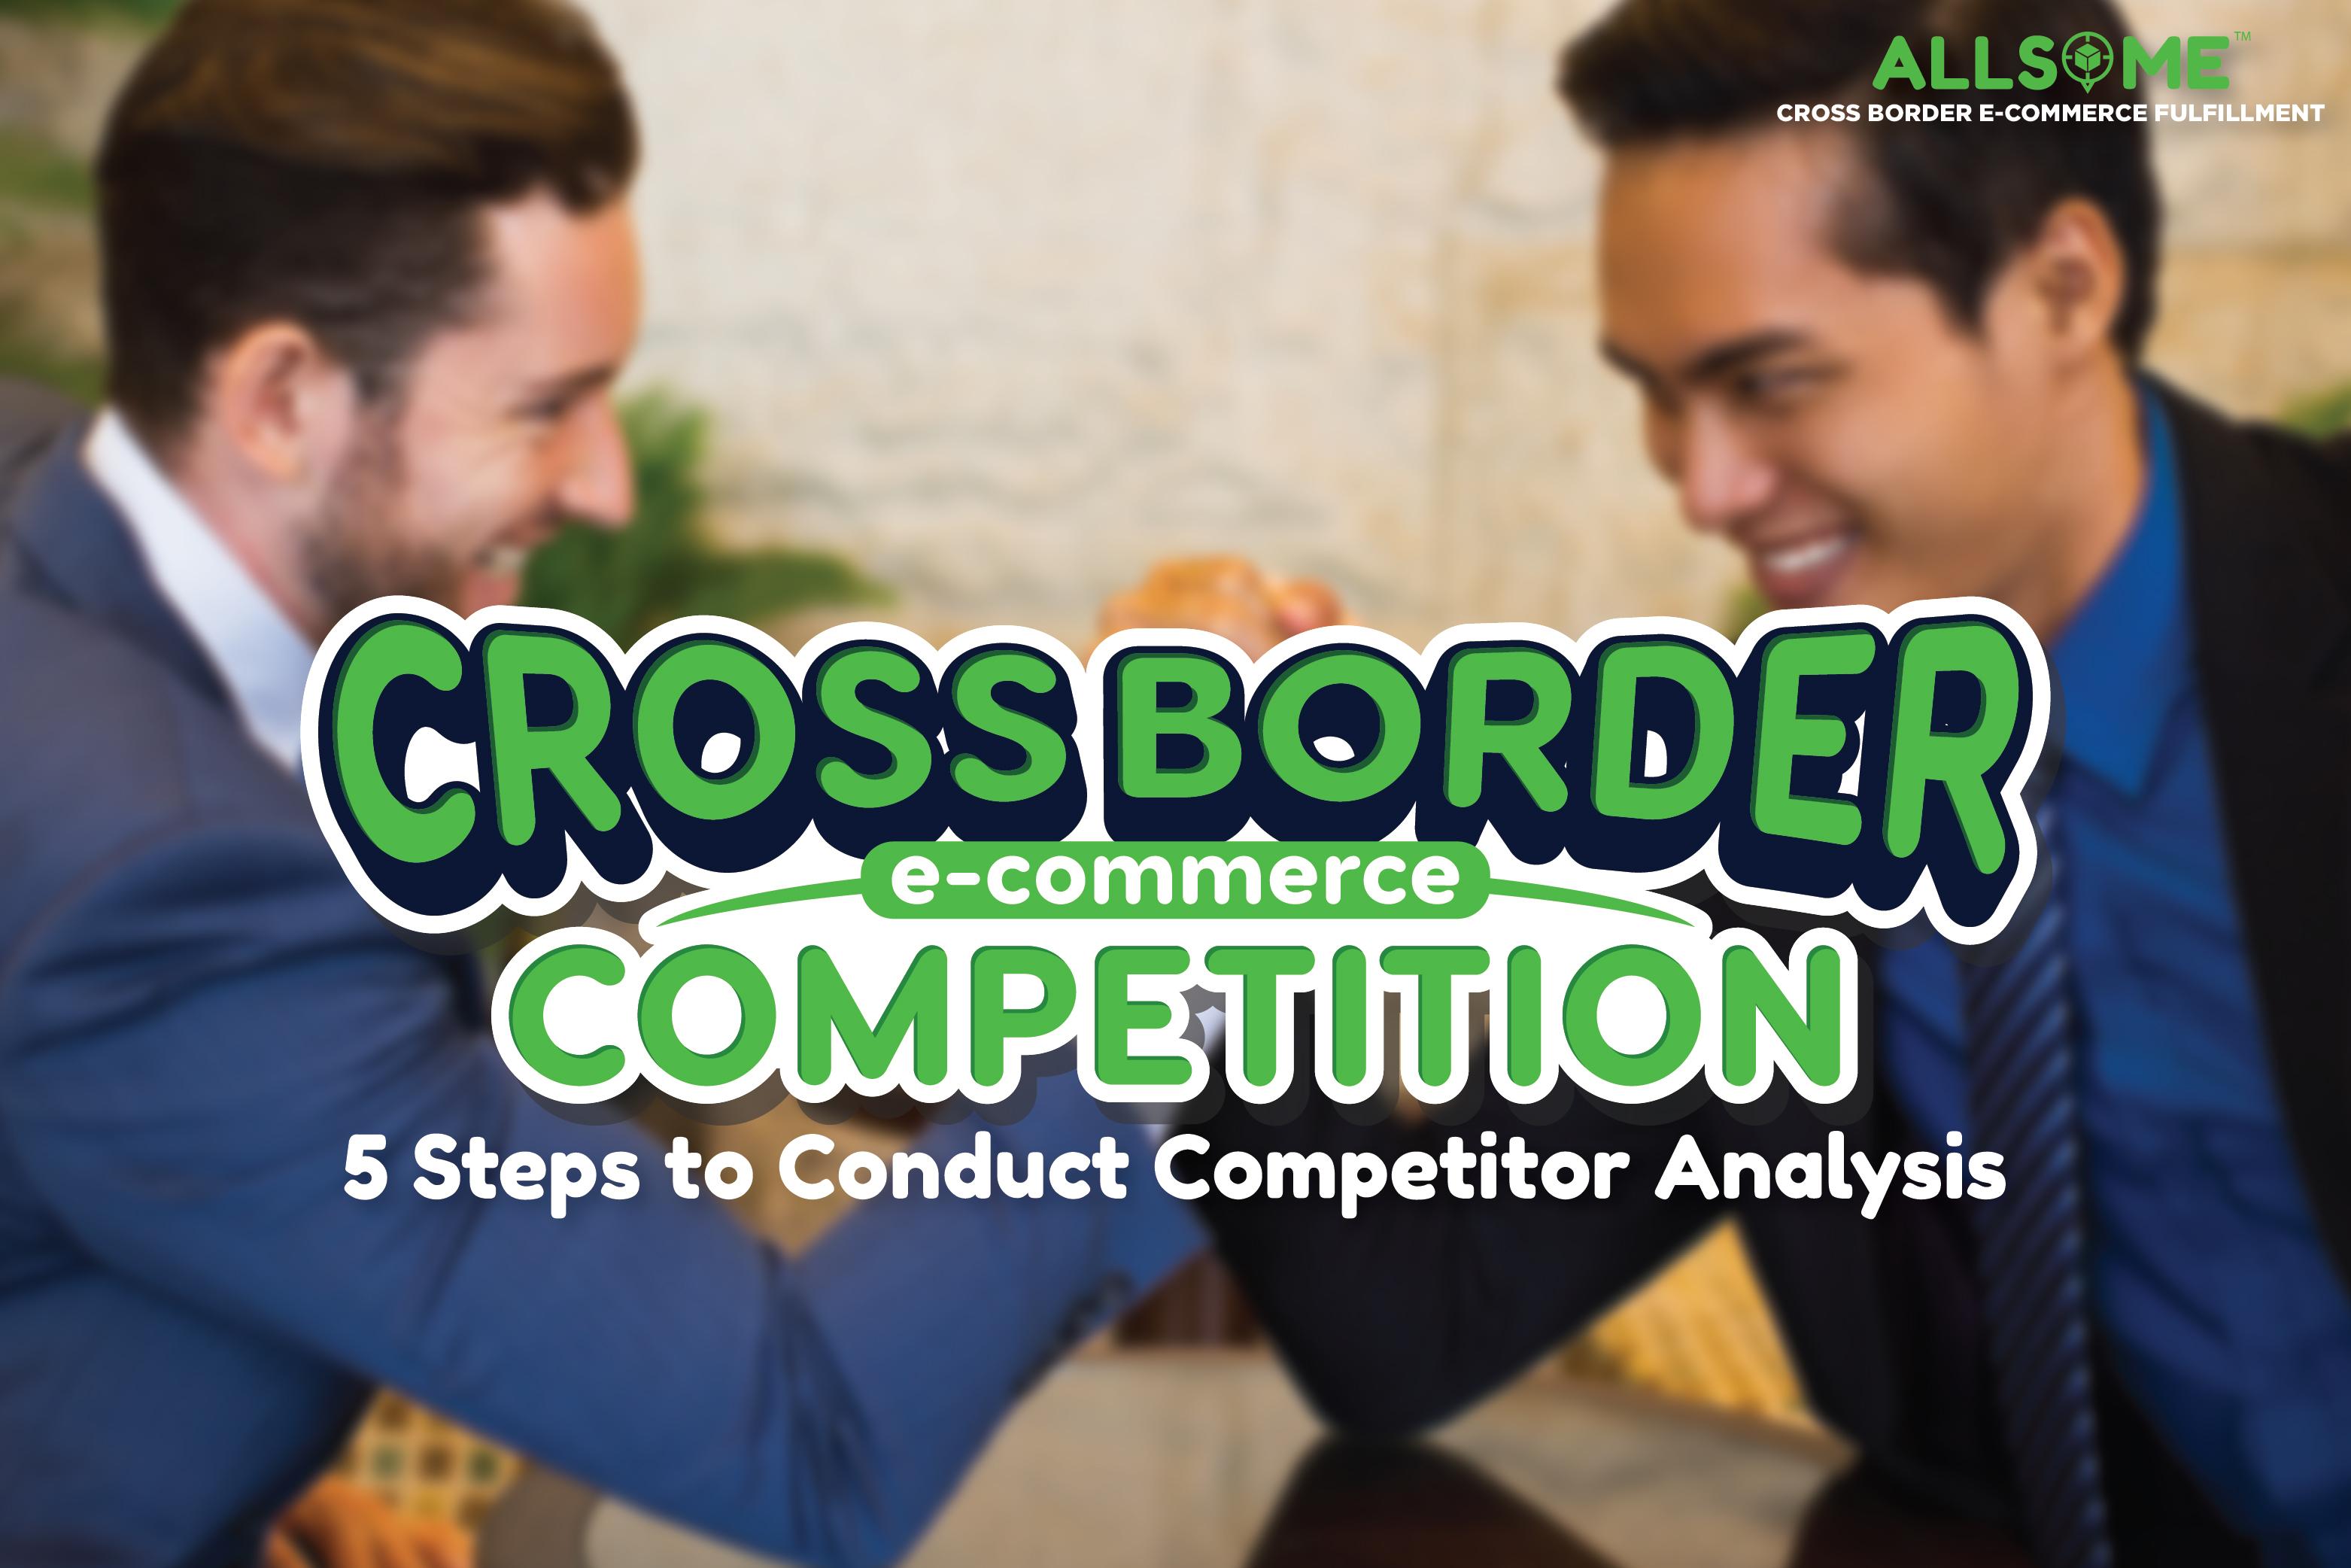 AllSome_CrossBorderCompetition